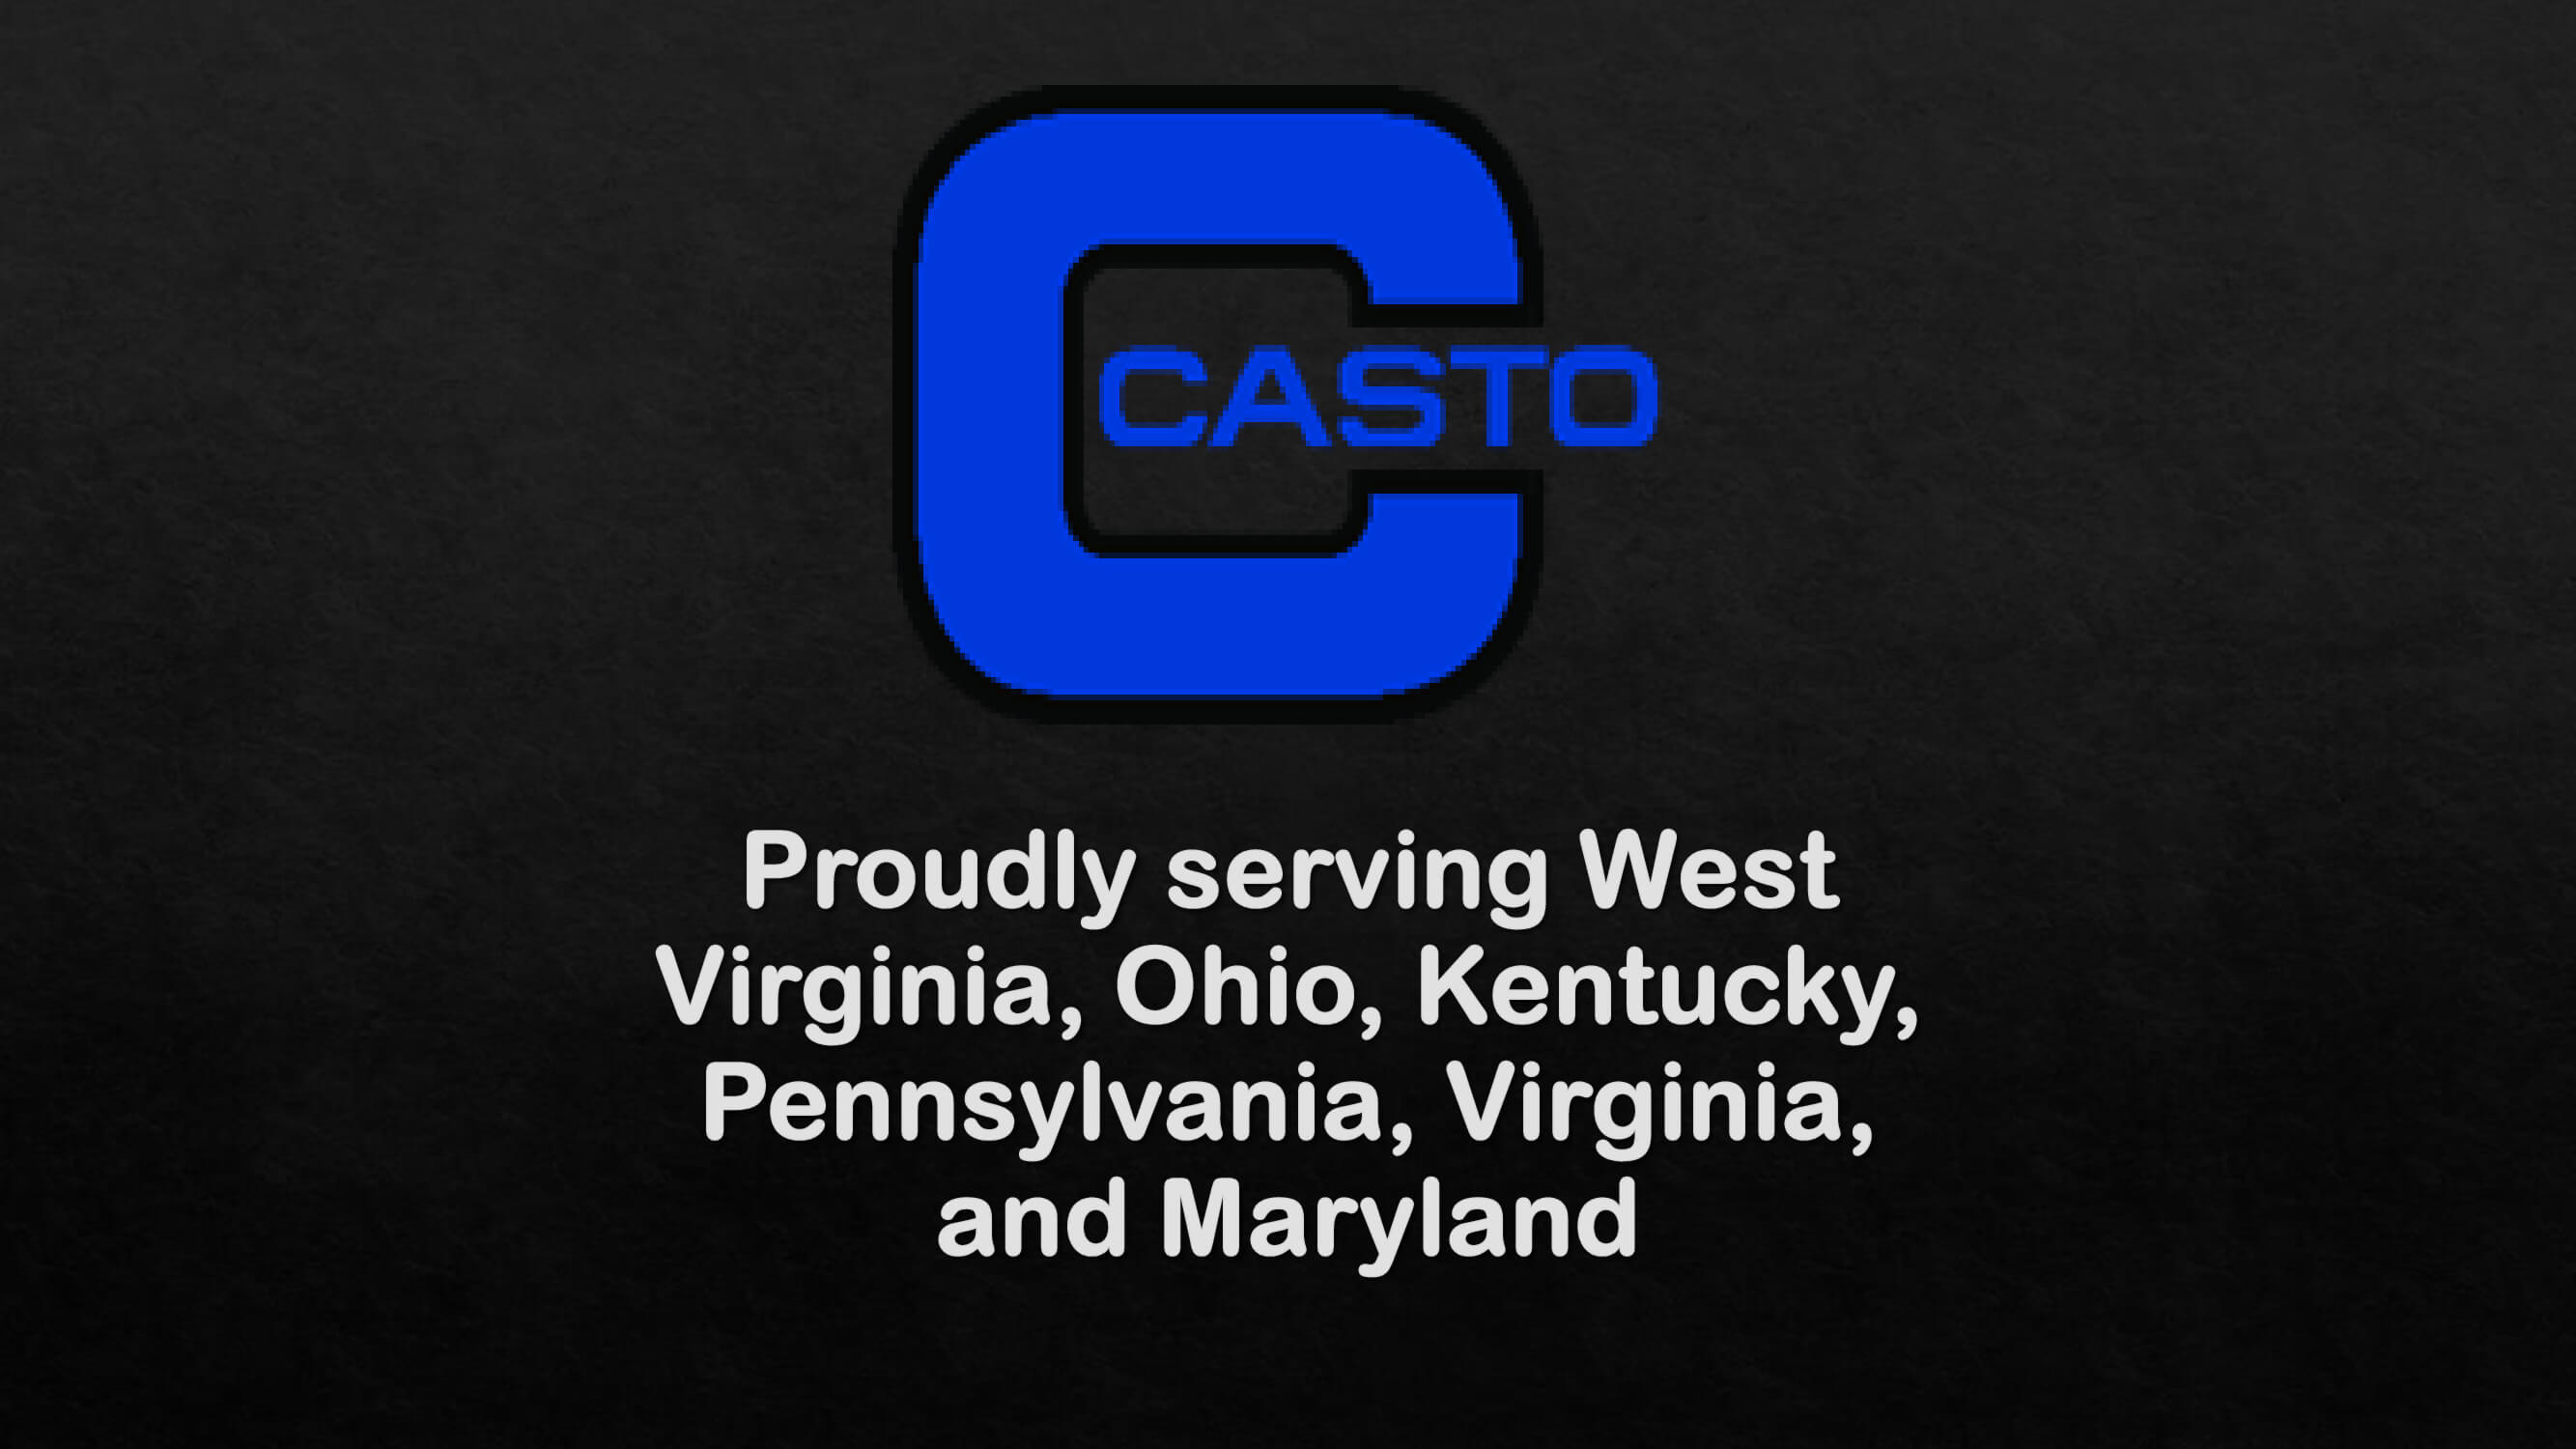 Casto Tech